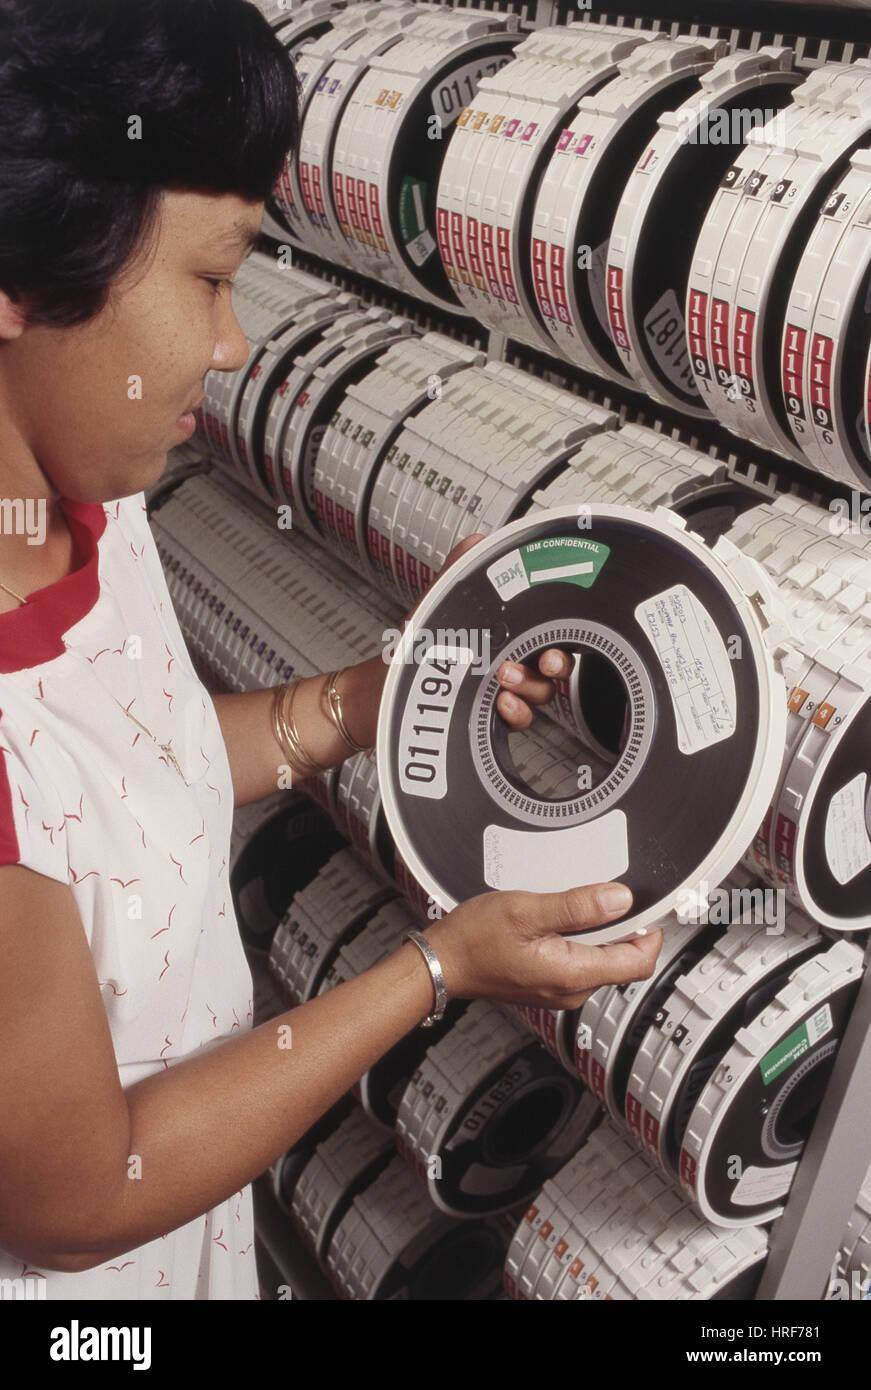 Employé d'IBM et de bandes de stockage informatique, ch. Années 1980 Photo Stock